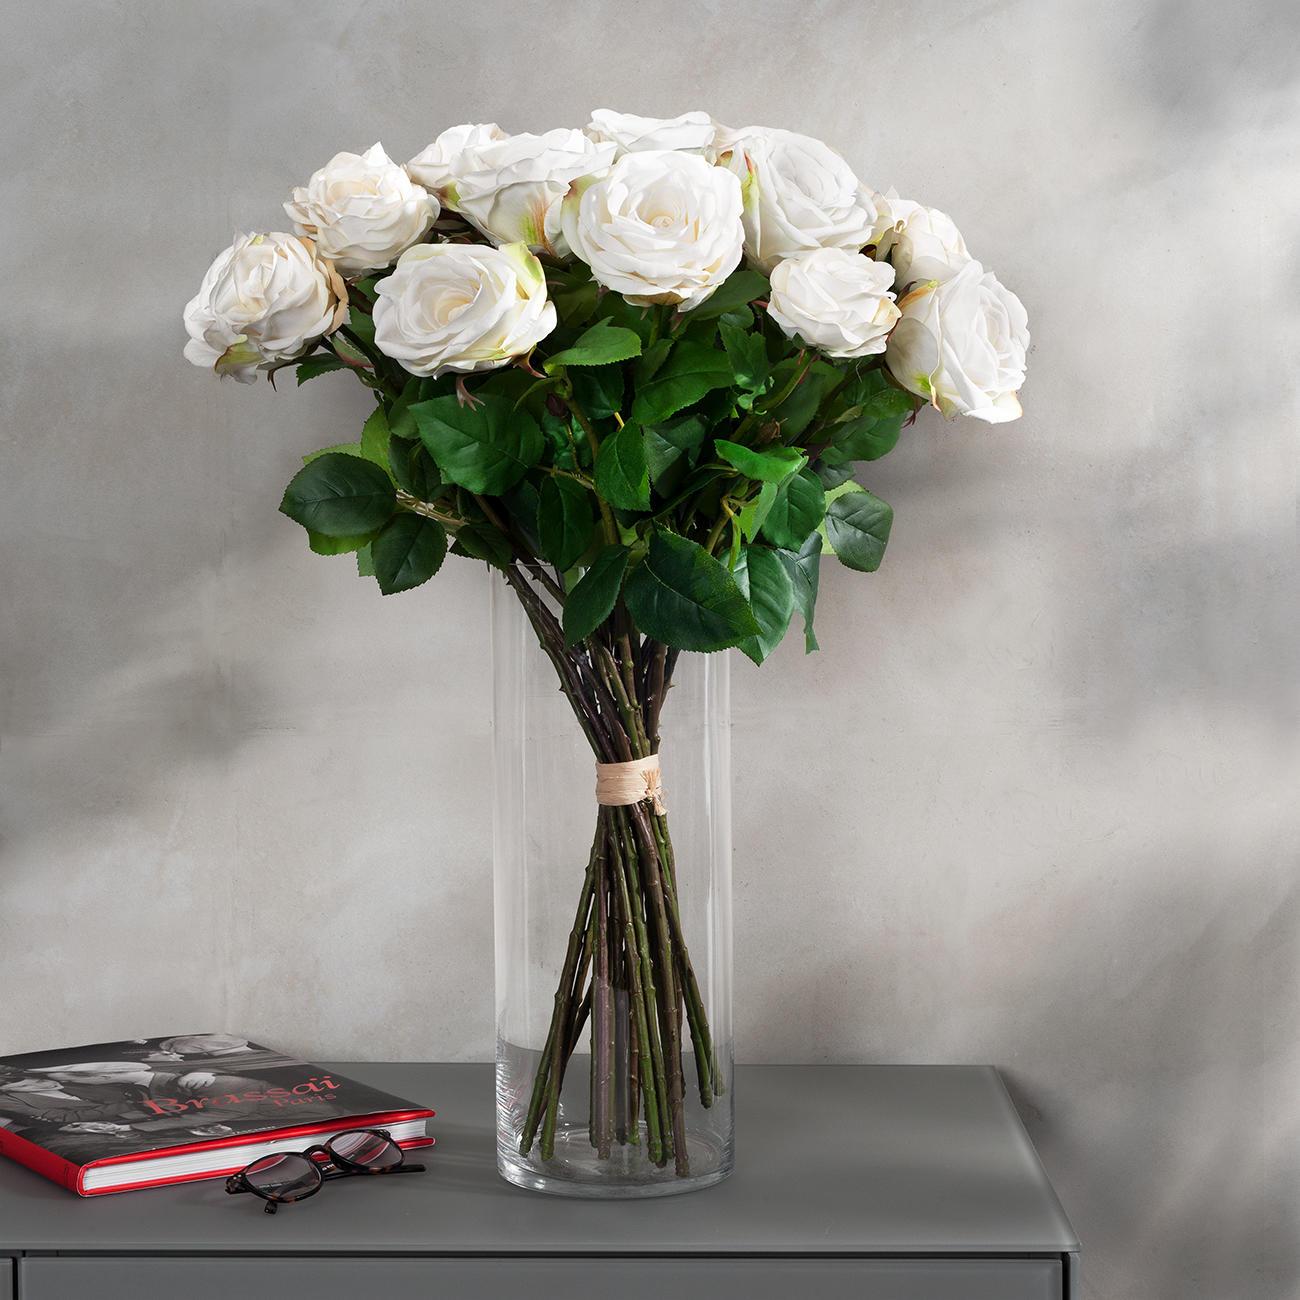 Rosenstrauß weiße Avalanche langstielige Rosen, naturgetreu, Kunstblume :: Weiß/Grün -  -  - Erwachsene